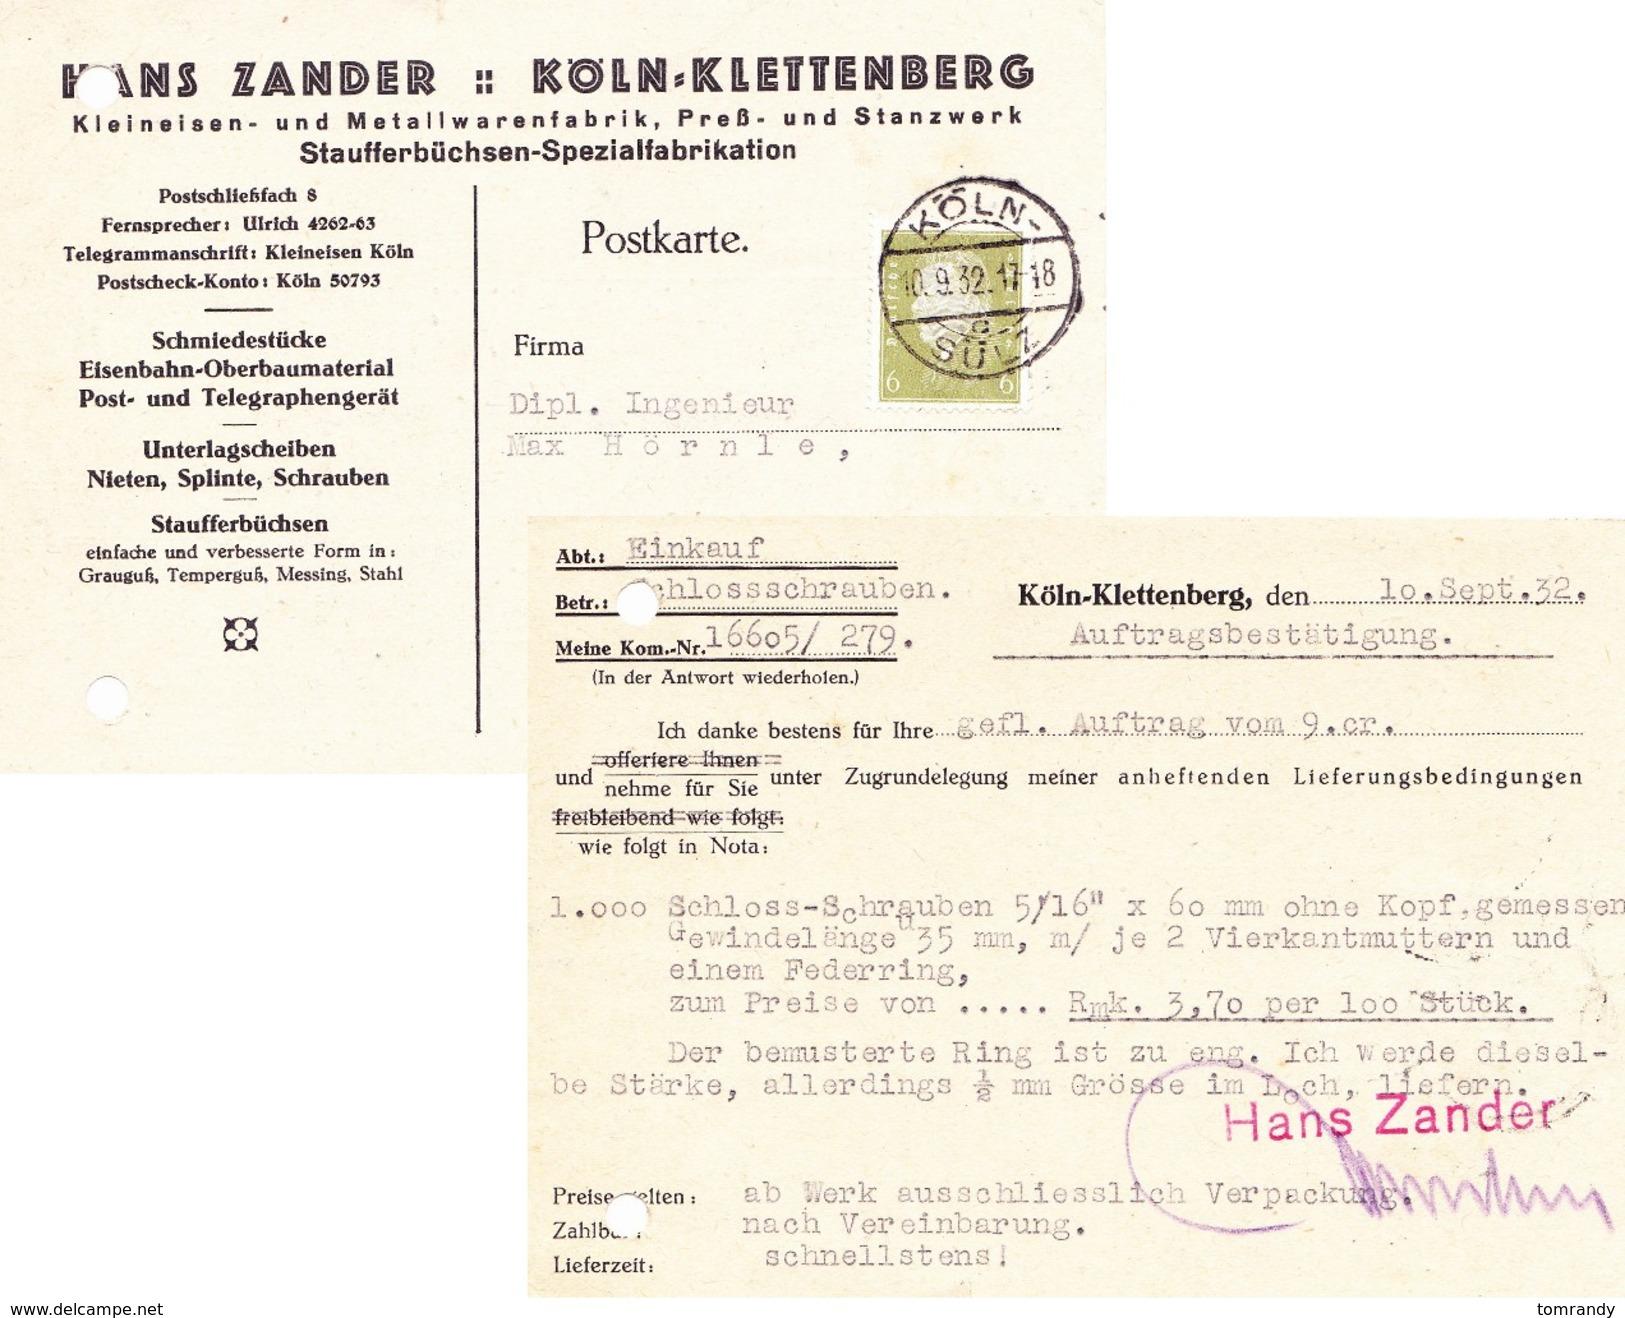 Köln-Sülz 1932. Auftragsbestätigung, Zander Metallwaren - Deutschland